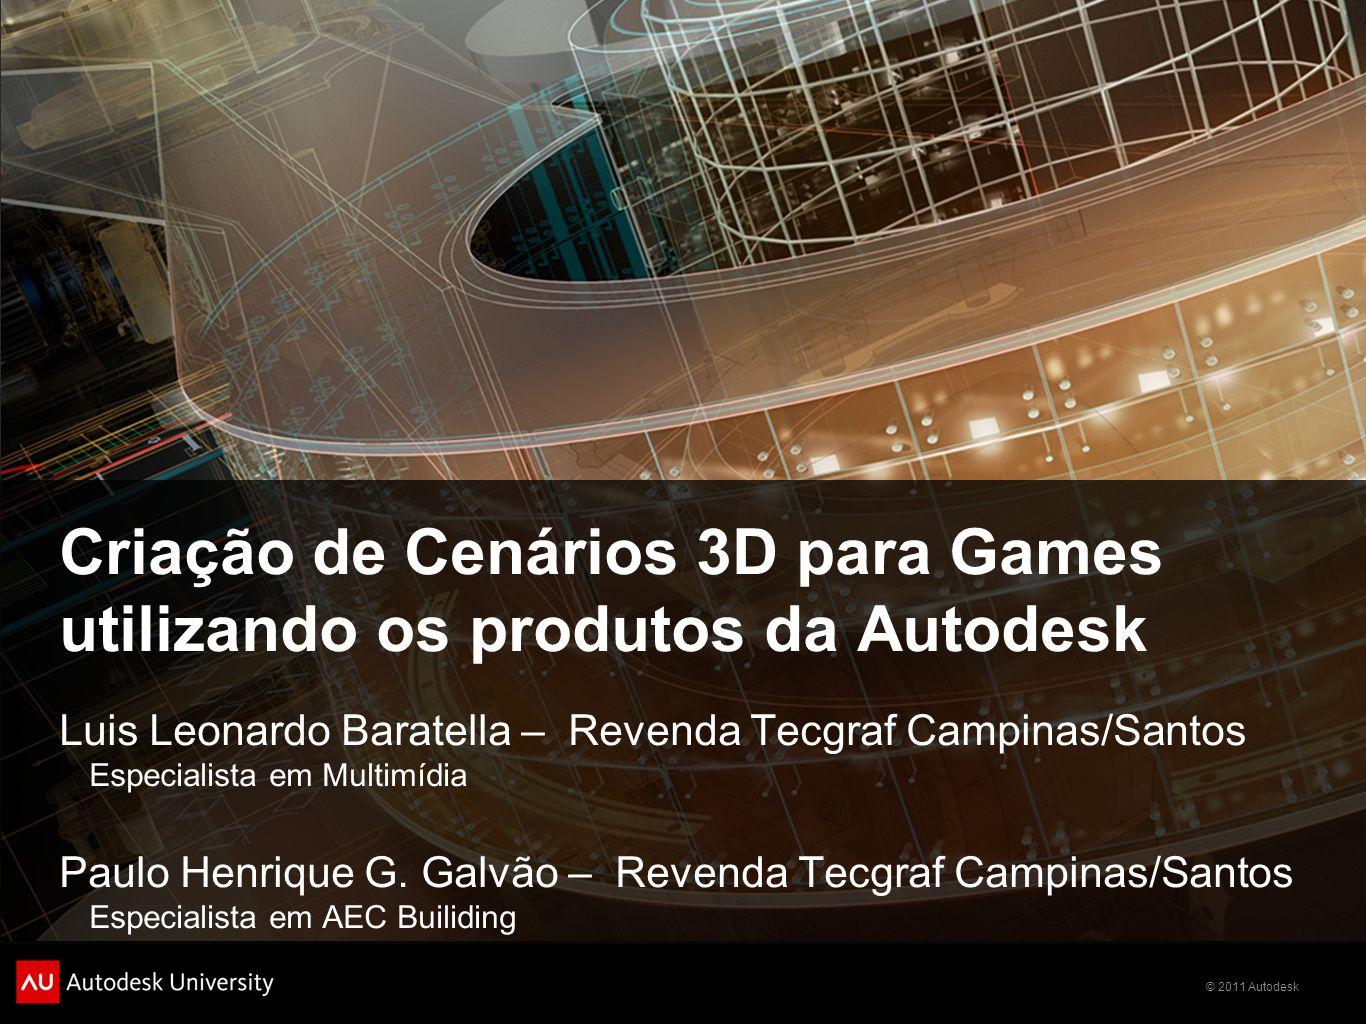 Criação de Cenários 3D para Games utilizando os produtos da Autodesk